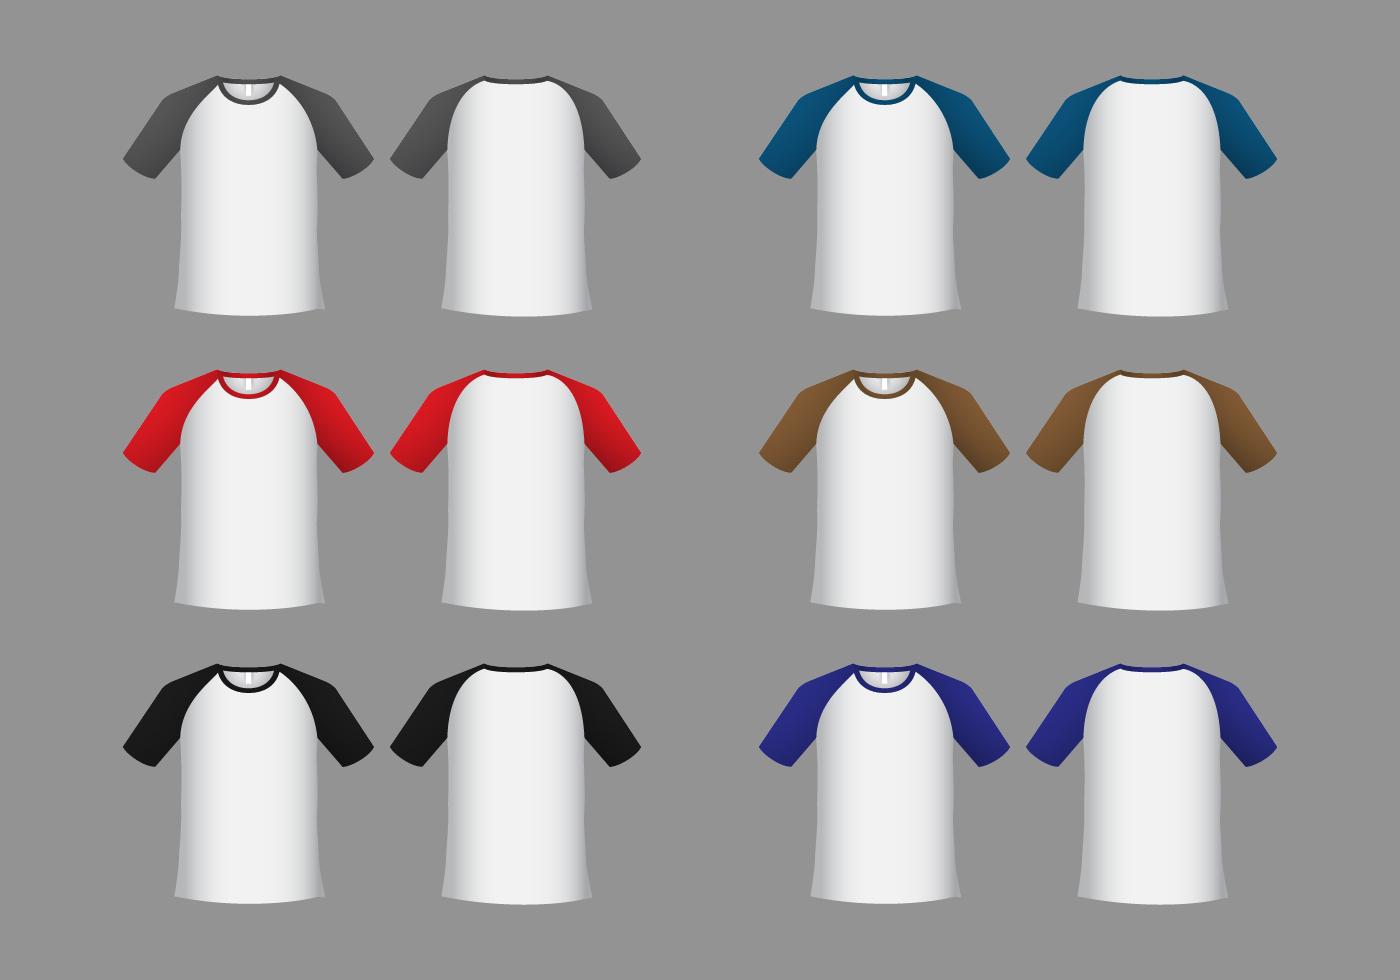 raglan short sleeve t-shirt template vector